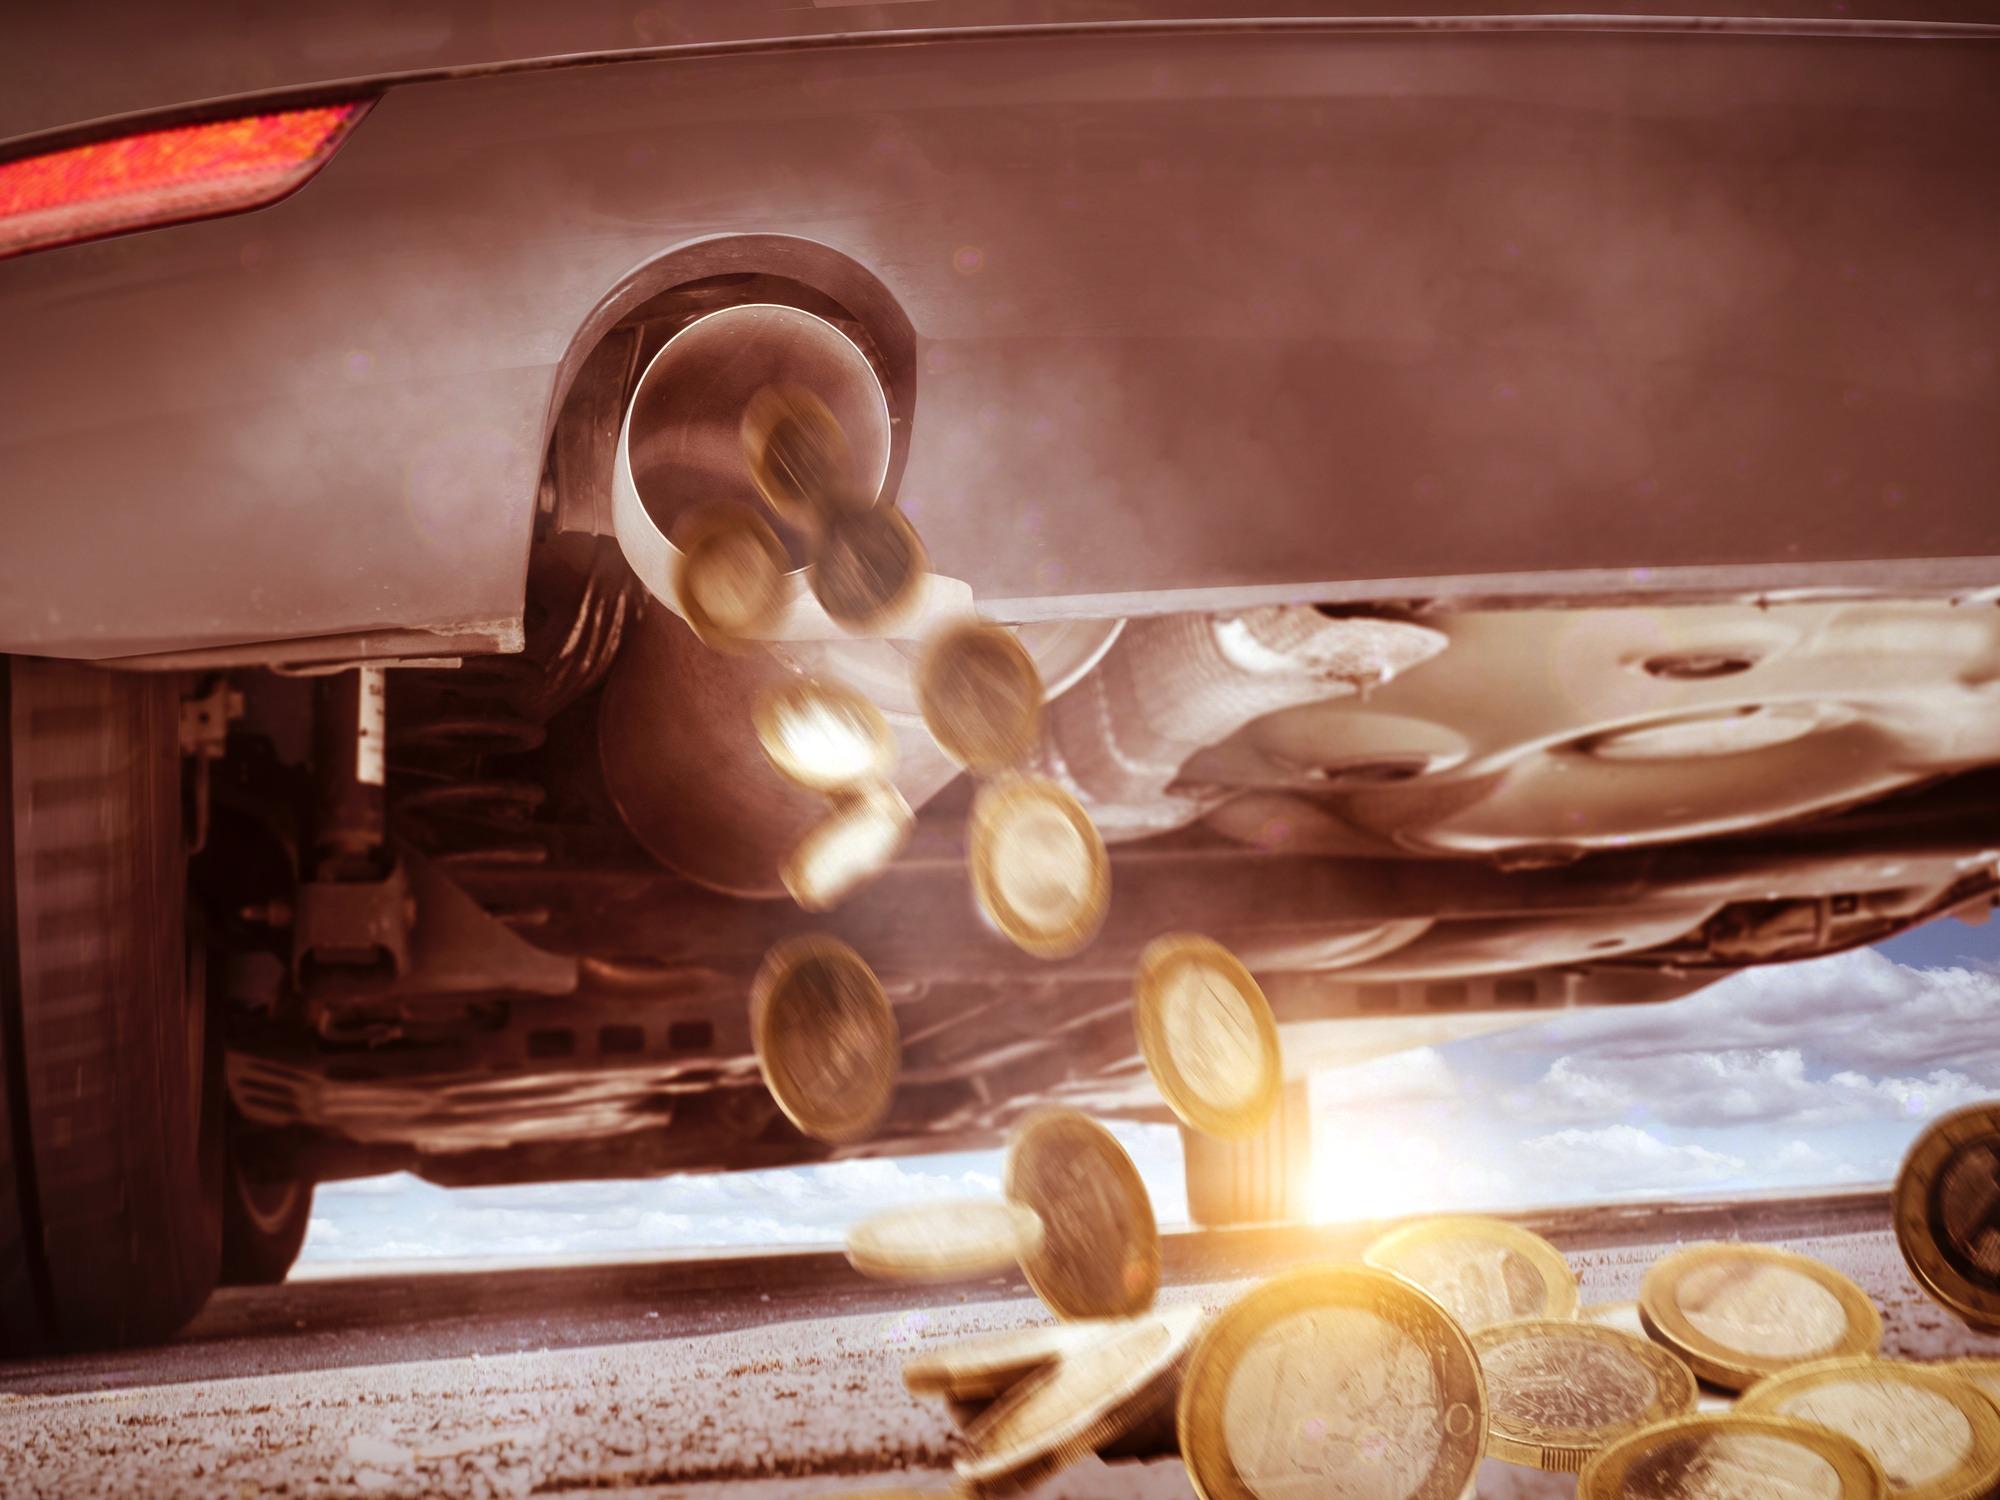 Budget automobiliste voiture taxes